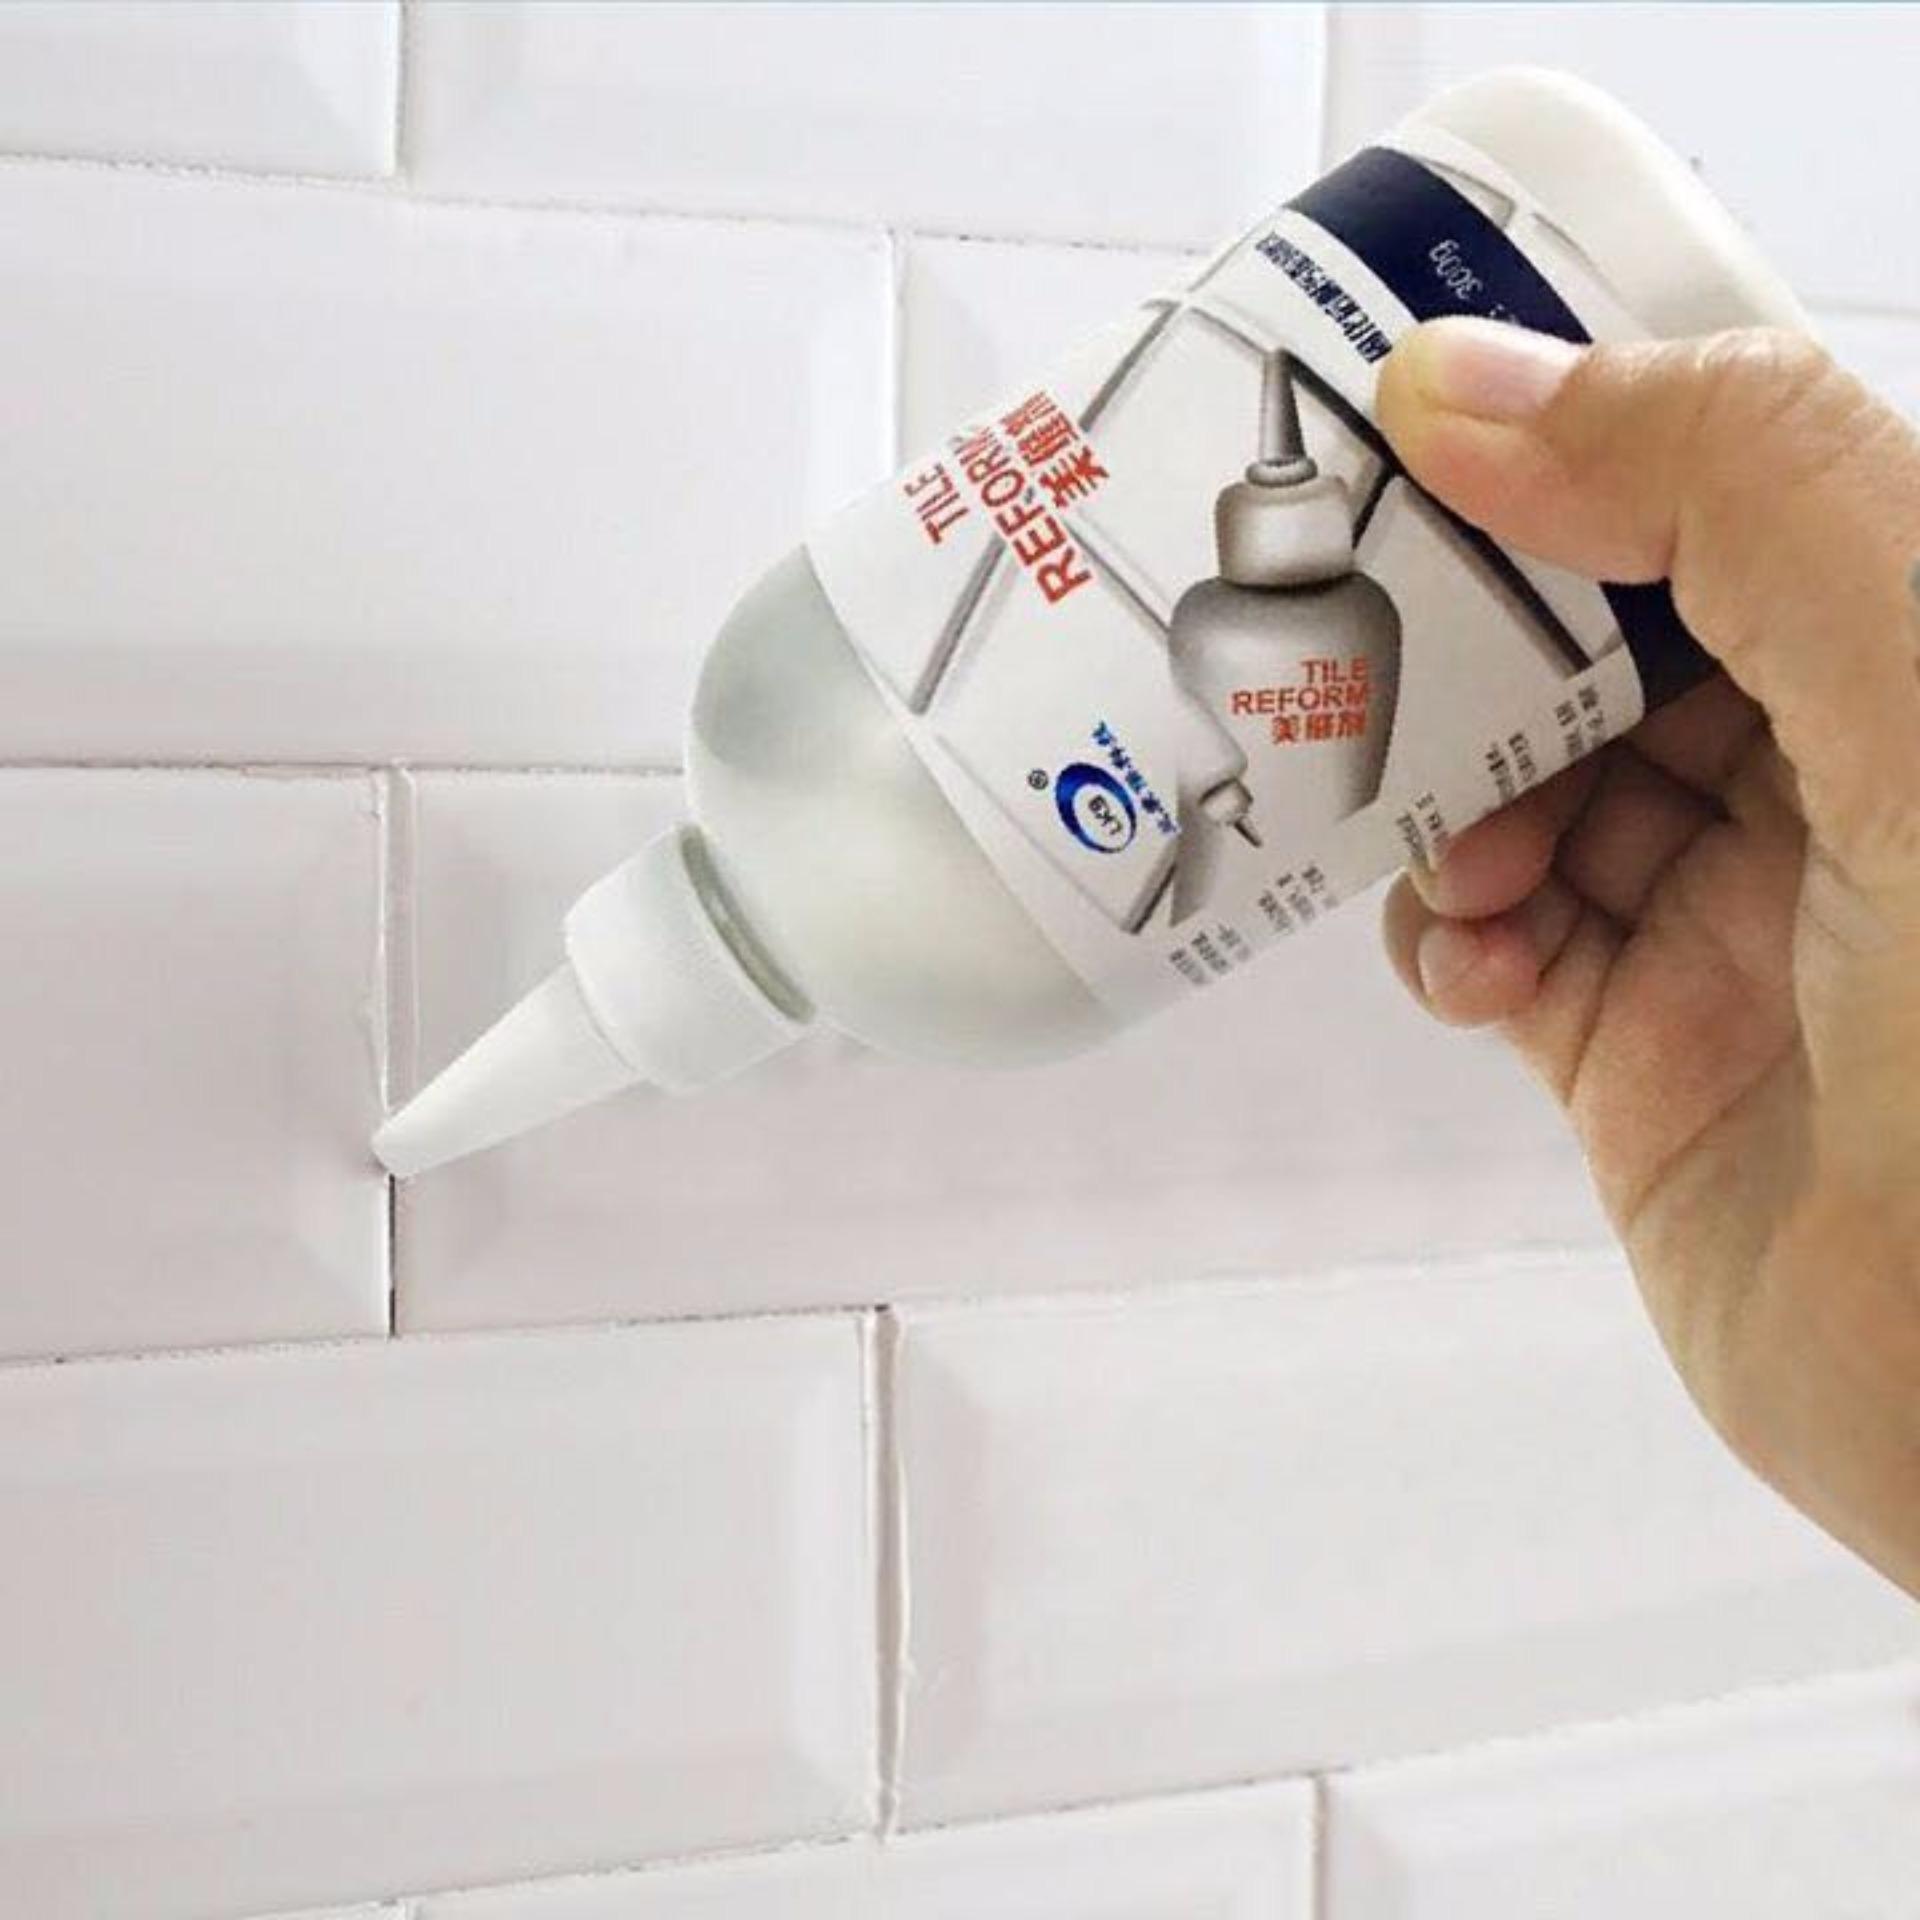 Hộp sơn chỉ gạch làm sạch nền công Nghệ Hàn Quốc siêu Hot